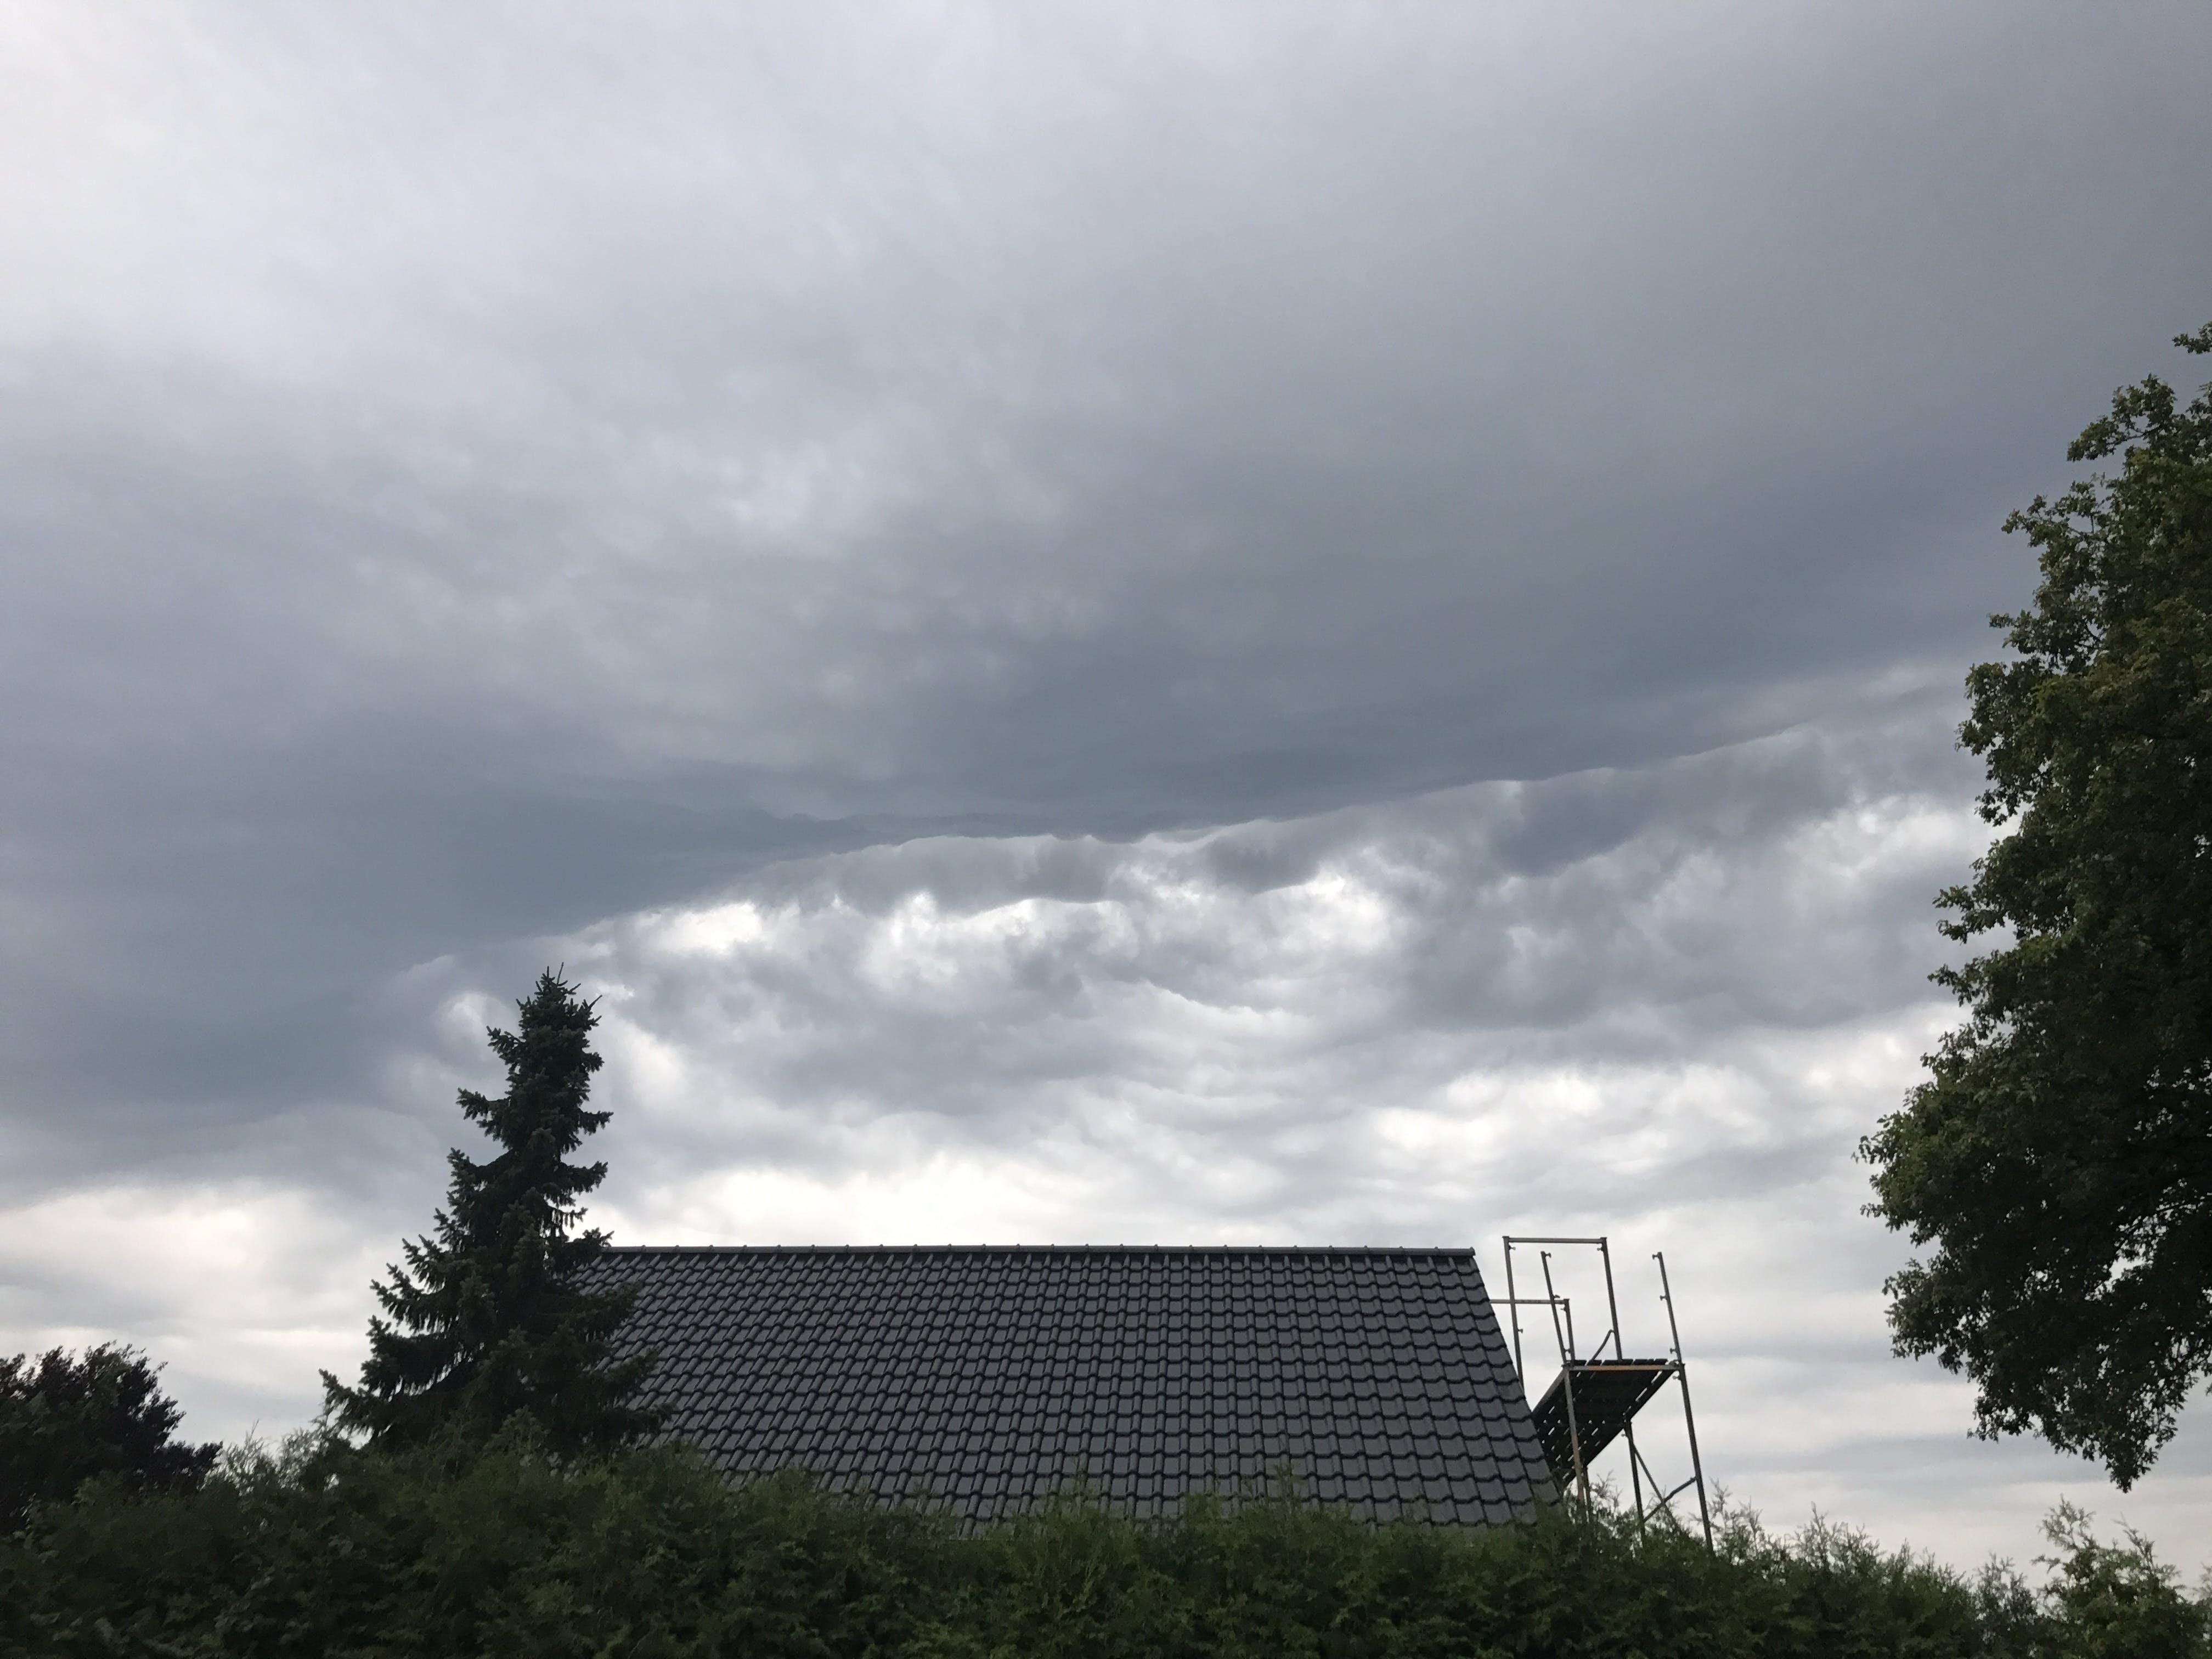 Δωρεάν στοκ φωτογραφιών με άσχημος καιρός, βροχή, καιρός, μορφές στα σύννεφα